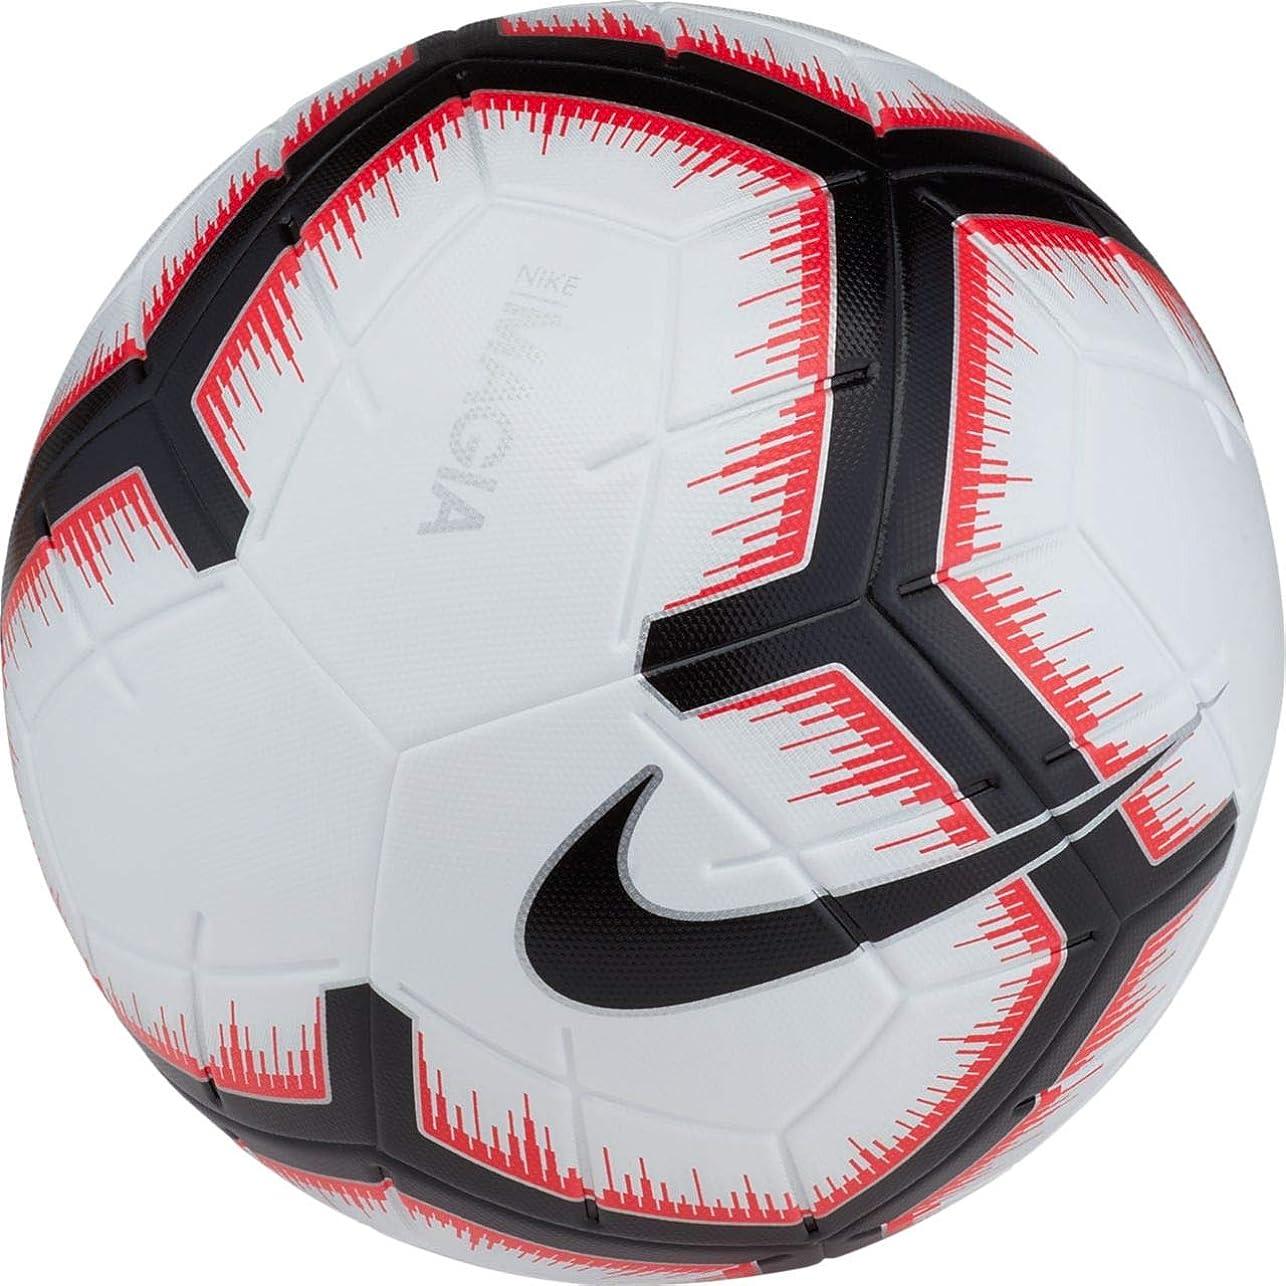 ハブブ有効丘ナイキ サッカーボール 5号球 マジア SC3321-100 FA18WHTBLK 5